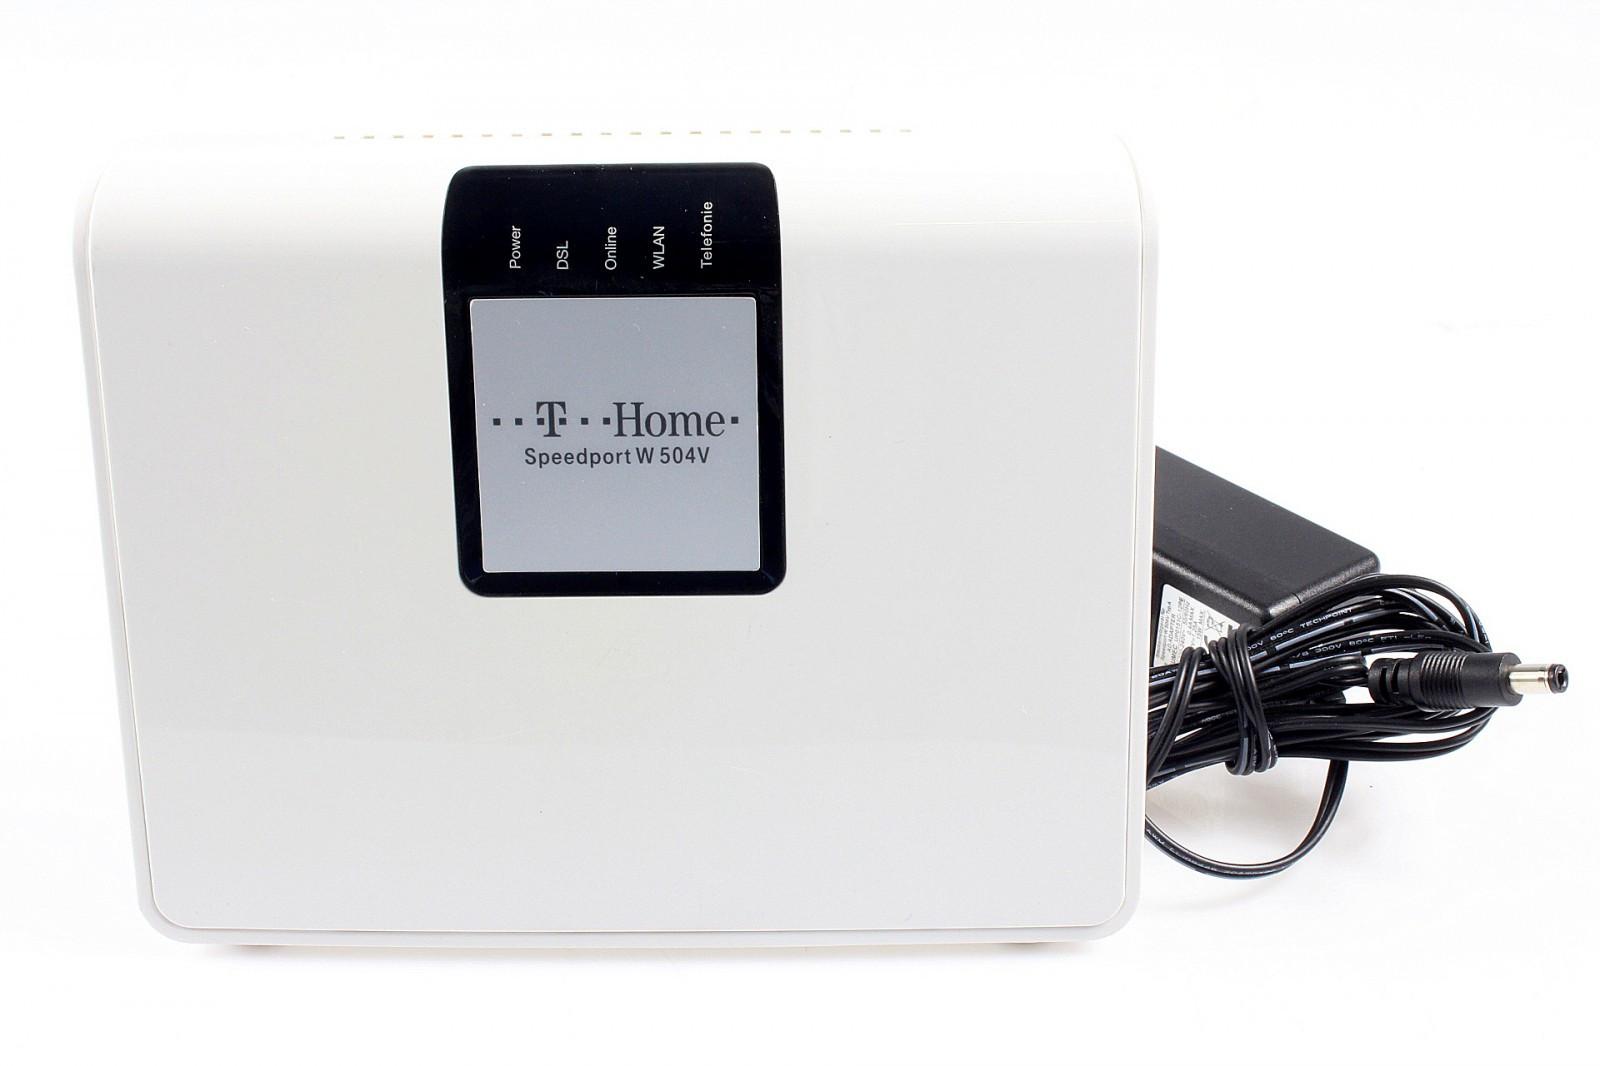 telekom speedport w 504v router modem 300mbps. Black Bedroom Furniture Sets. Home Design Ideas